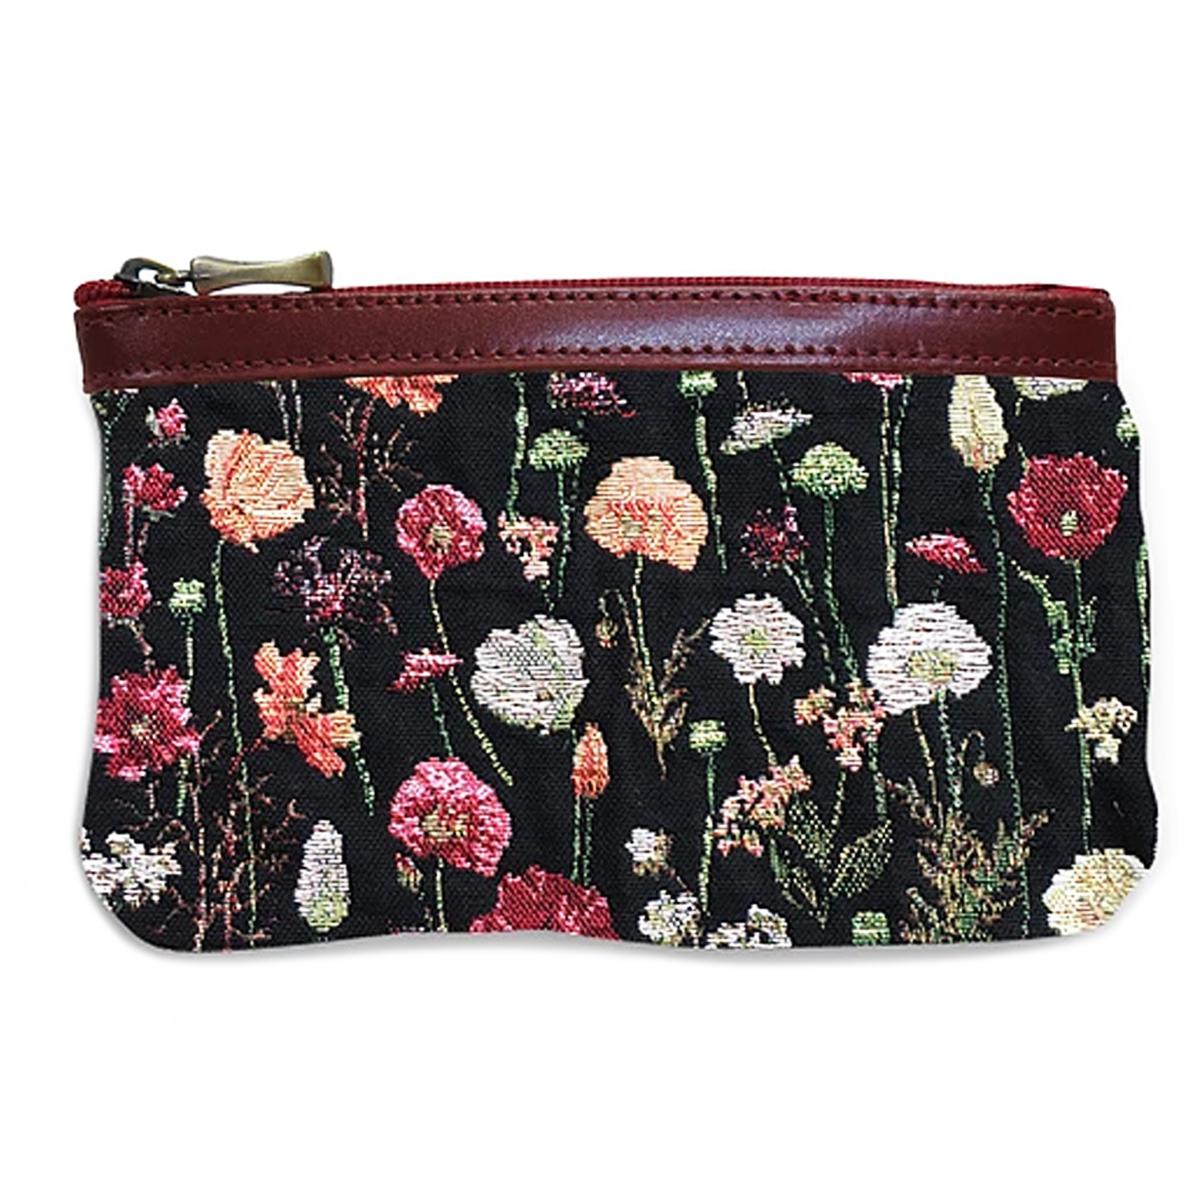 Pochette trousse artisanale \'Royal Tapisserie\' noir multicolore (fleurs en hiver) - 14x10x2 cm - [Q6366]